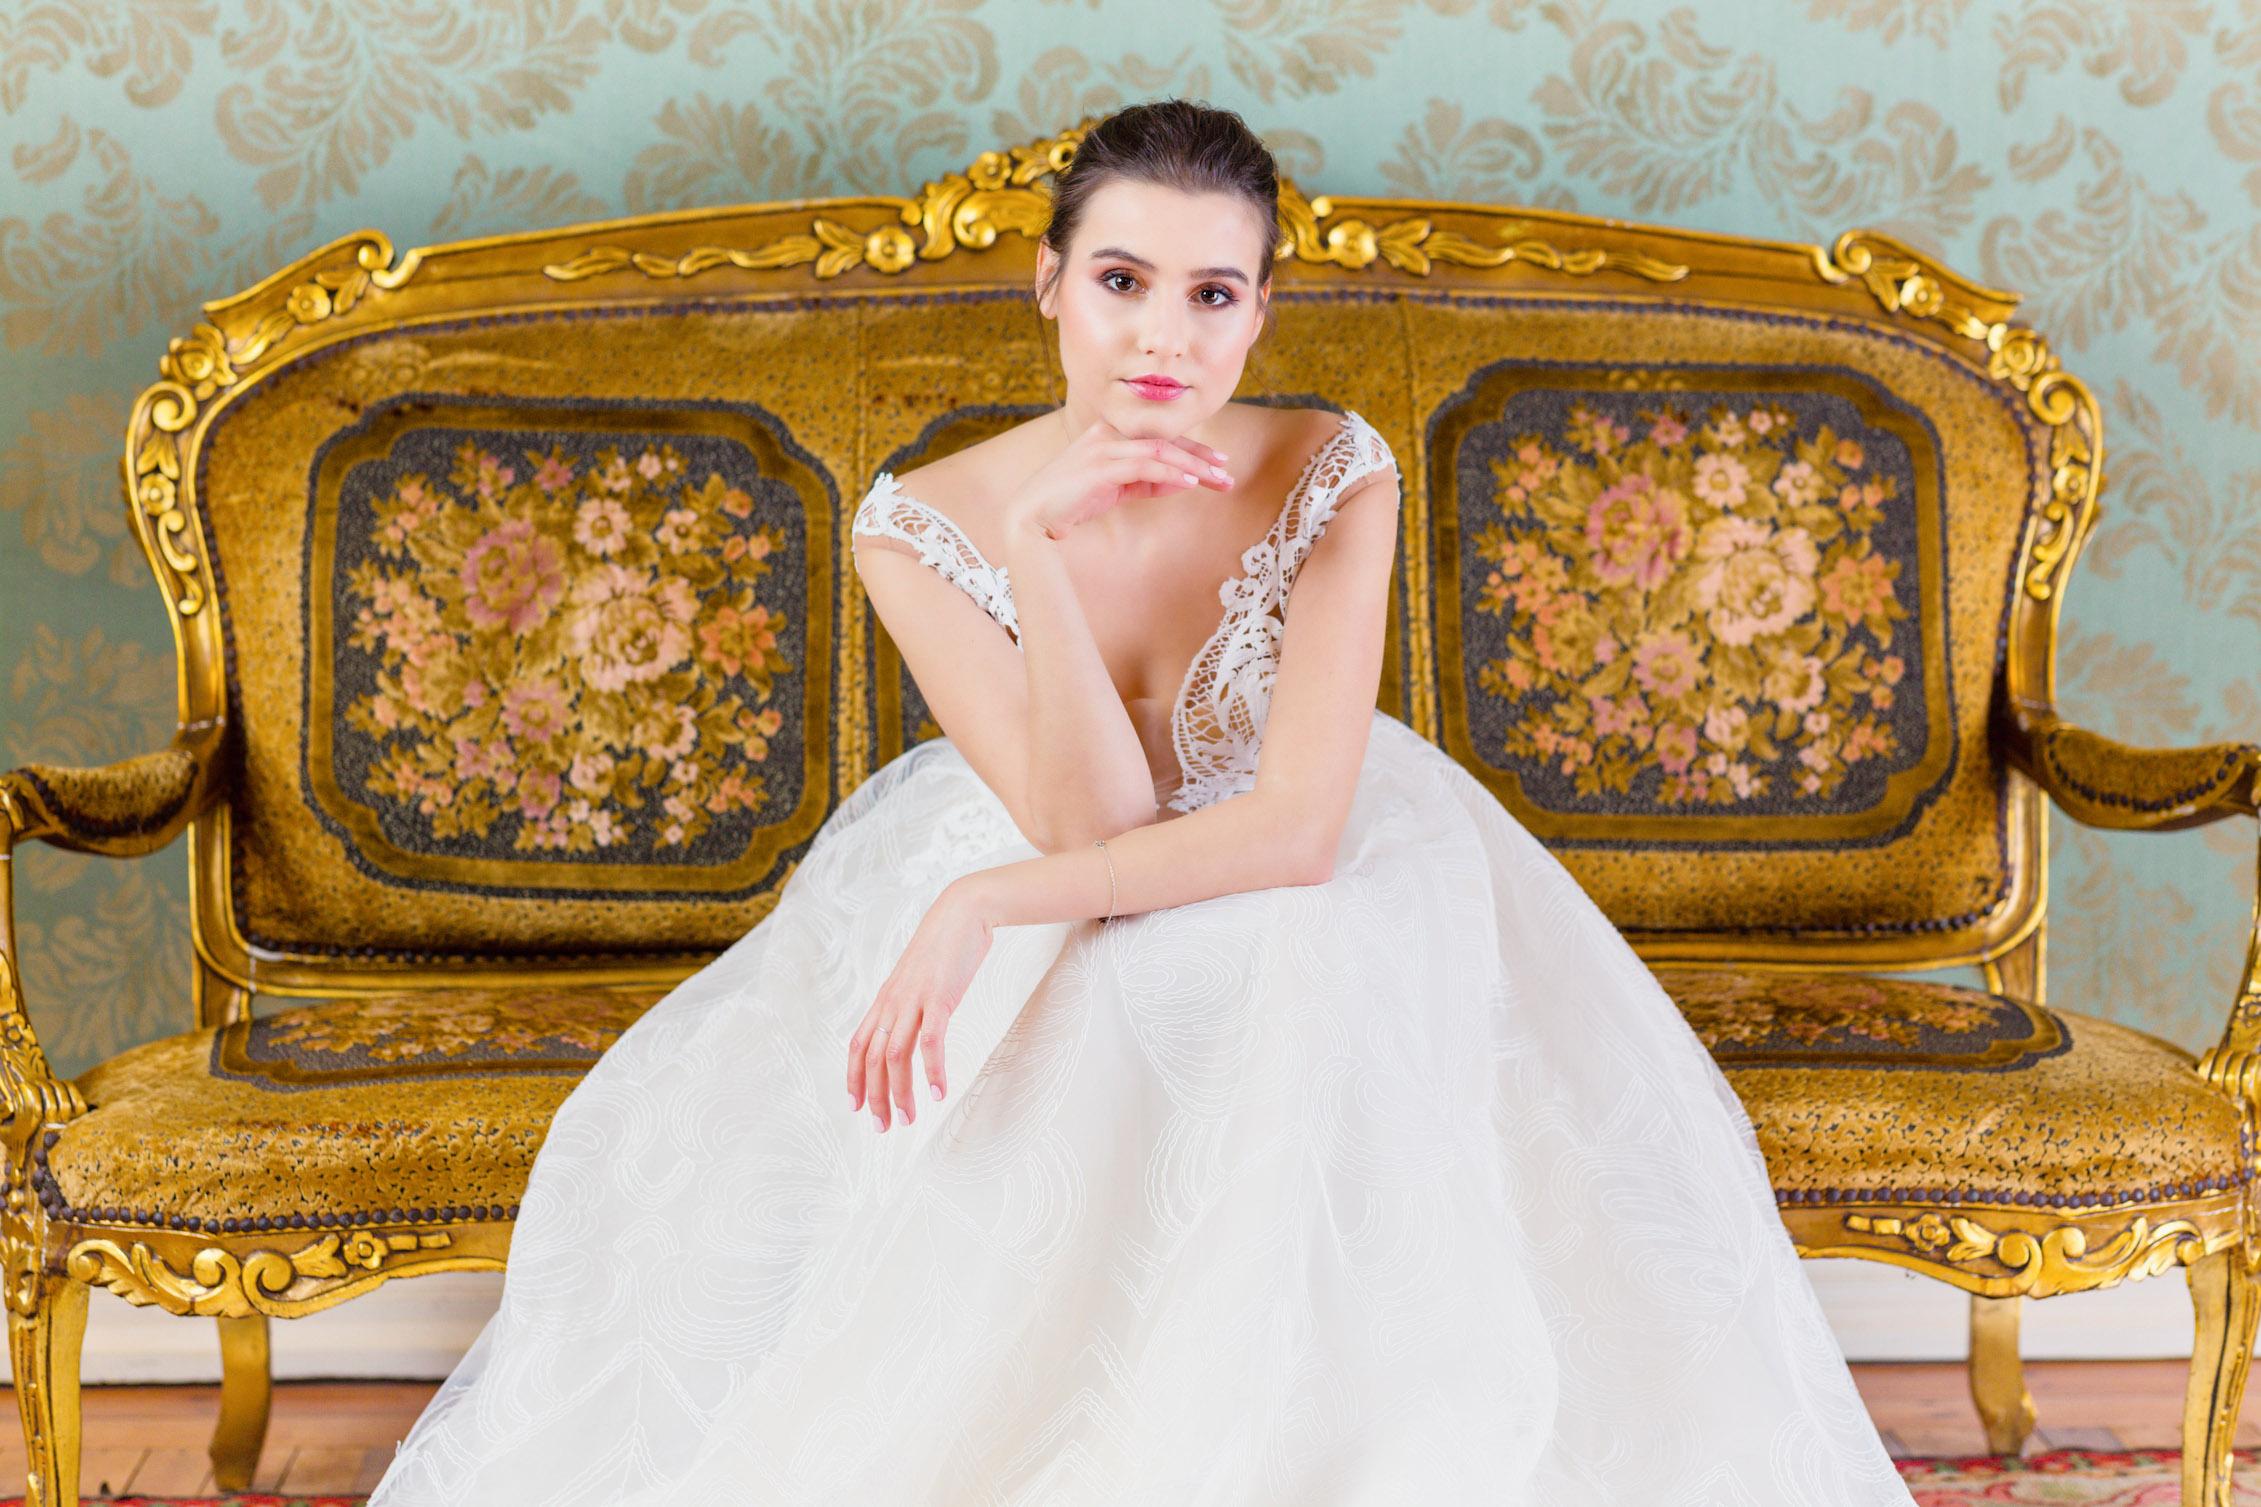 Comment BIEN choisir son  photographe de mariage?